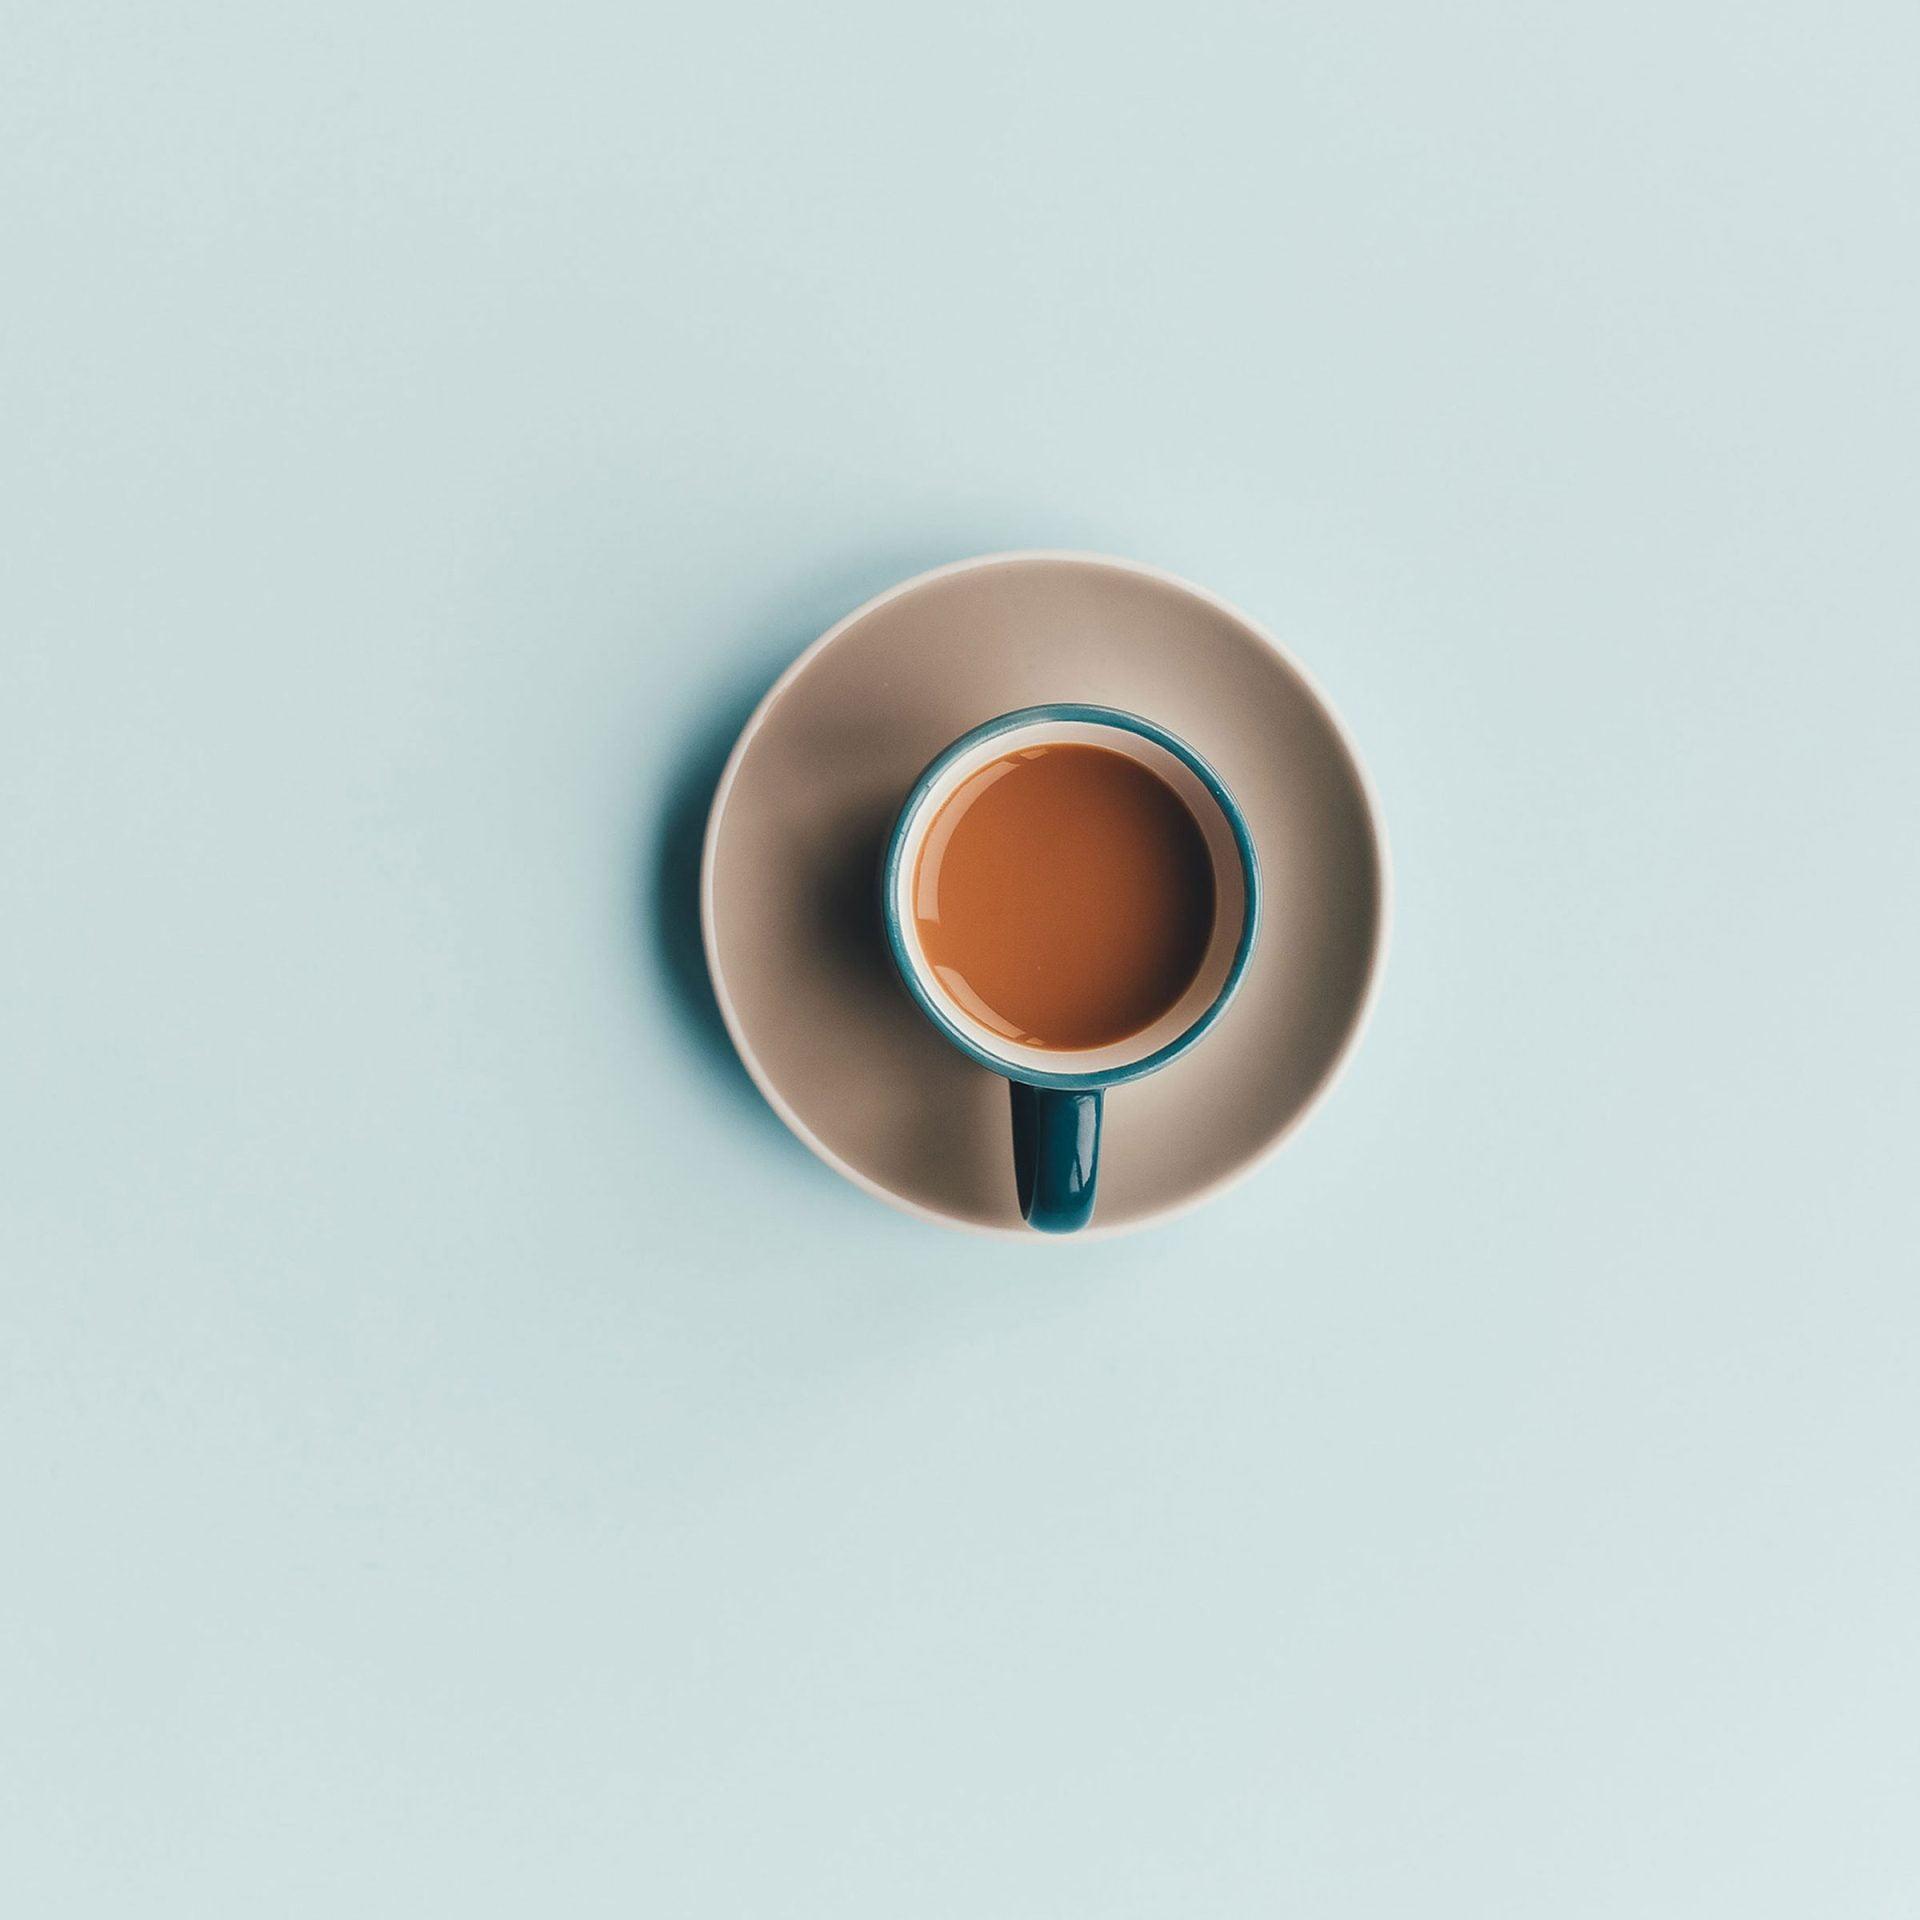 kop koffie: cursus fotobewerking